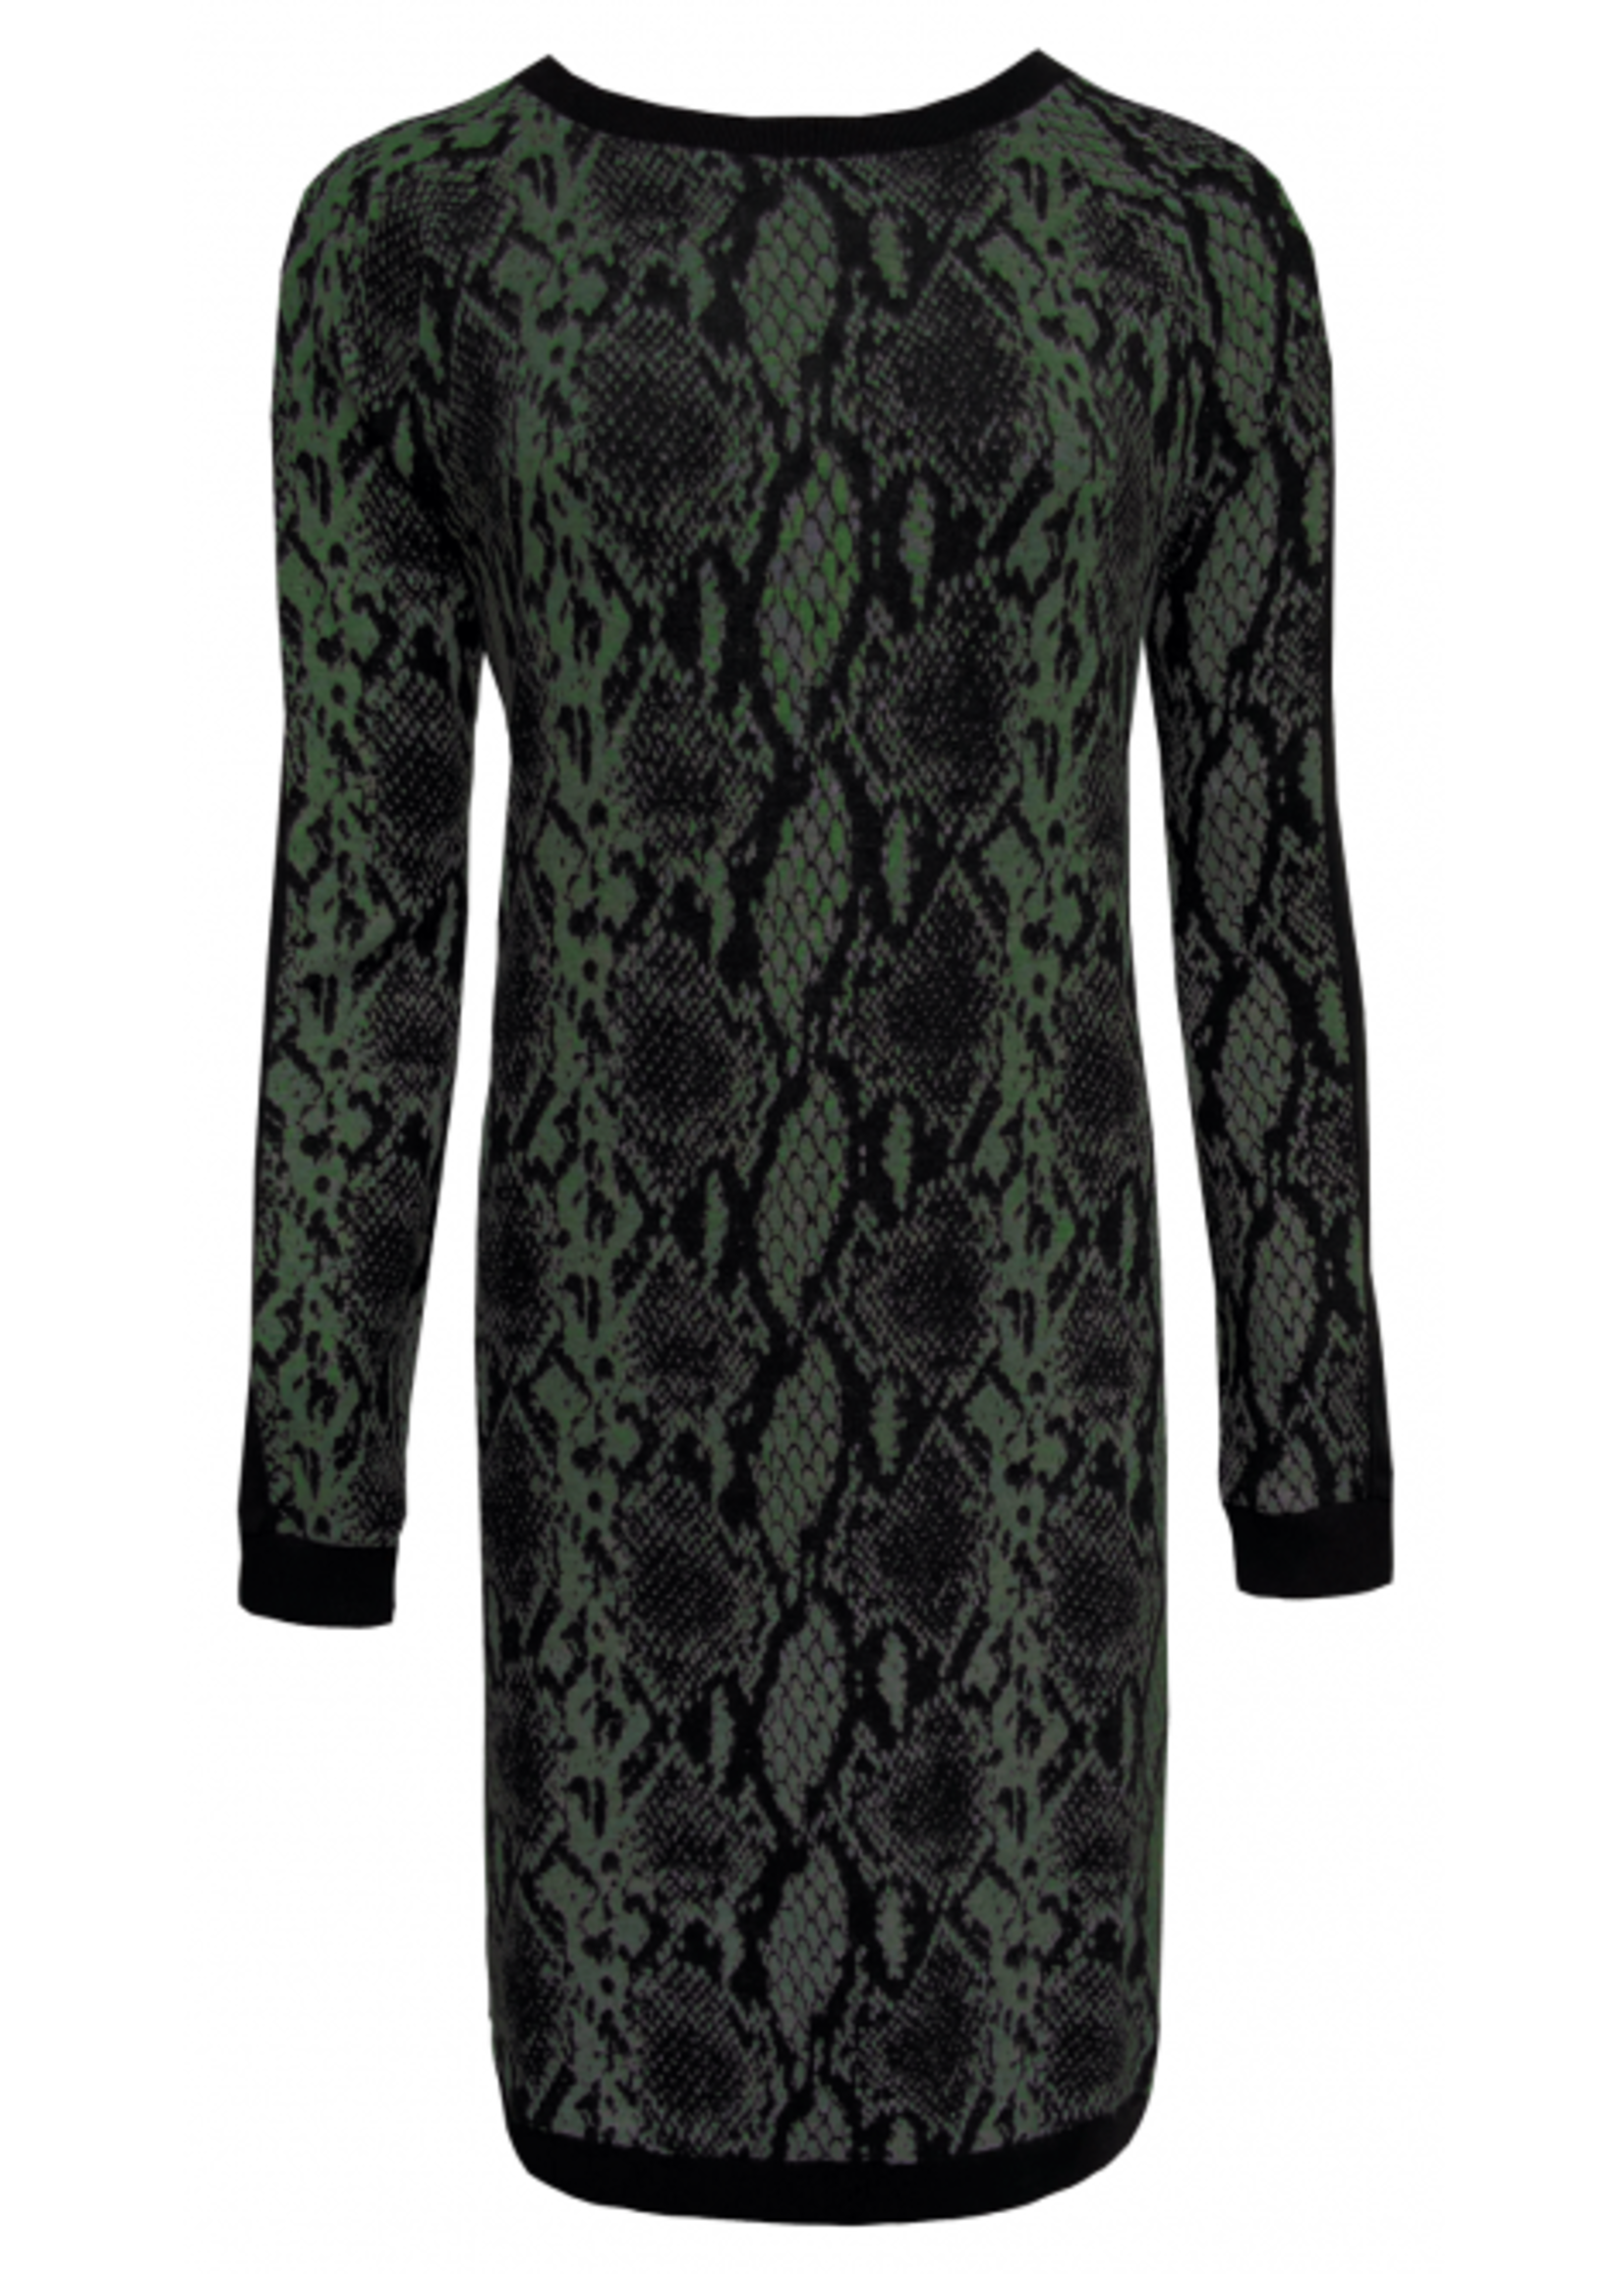 Elvira Collections Elvira Collections Gwen Dress